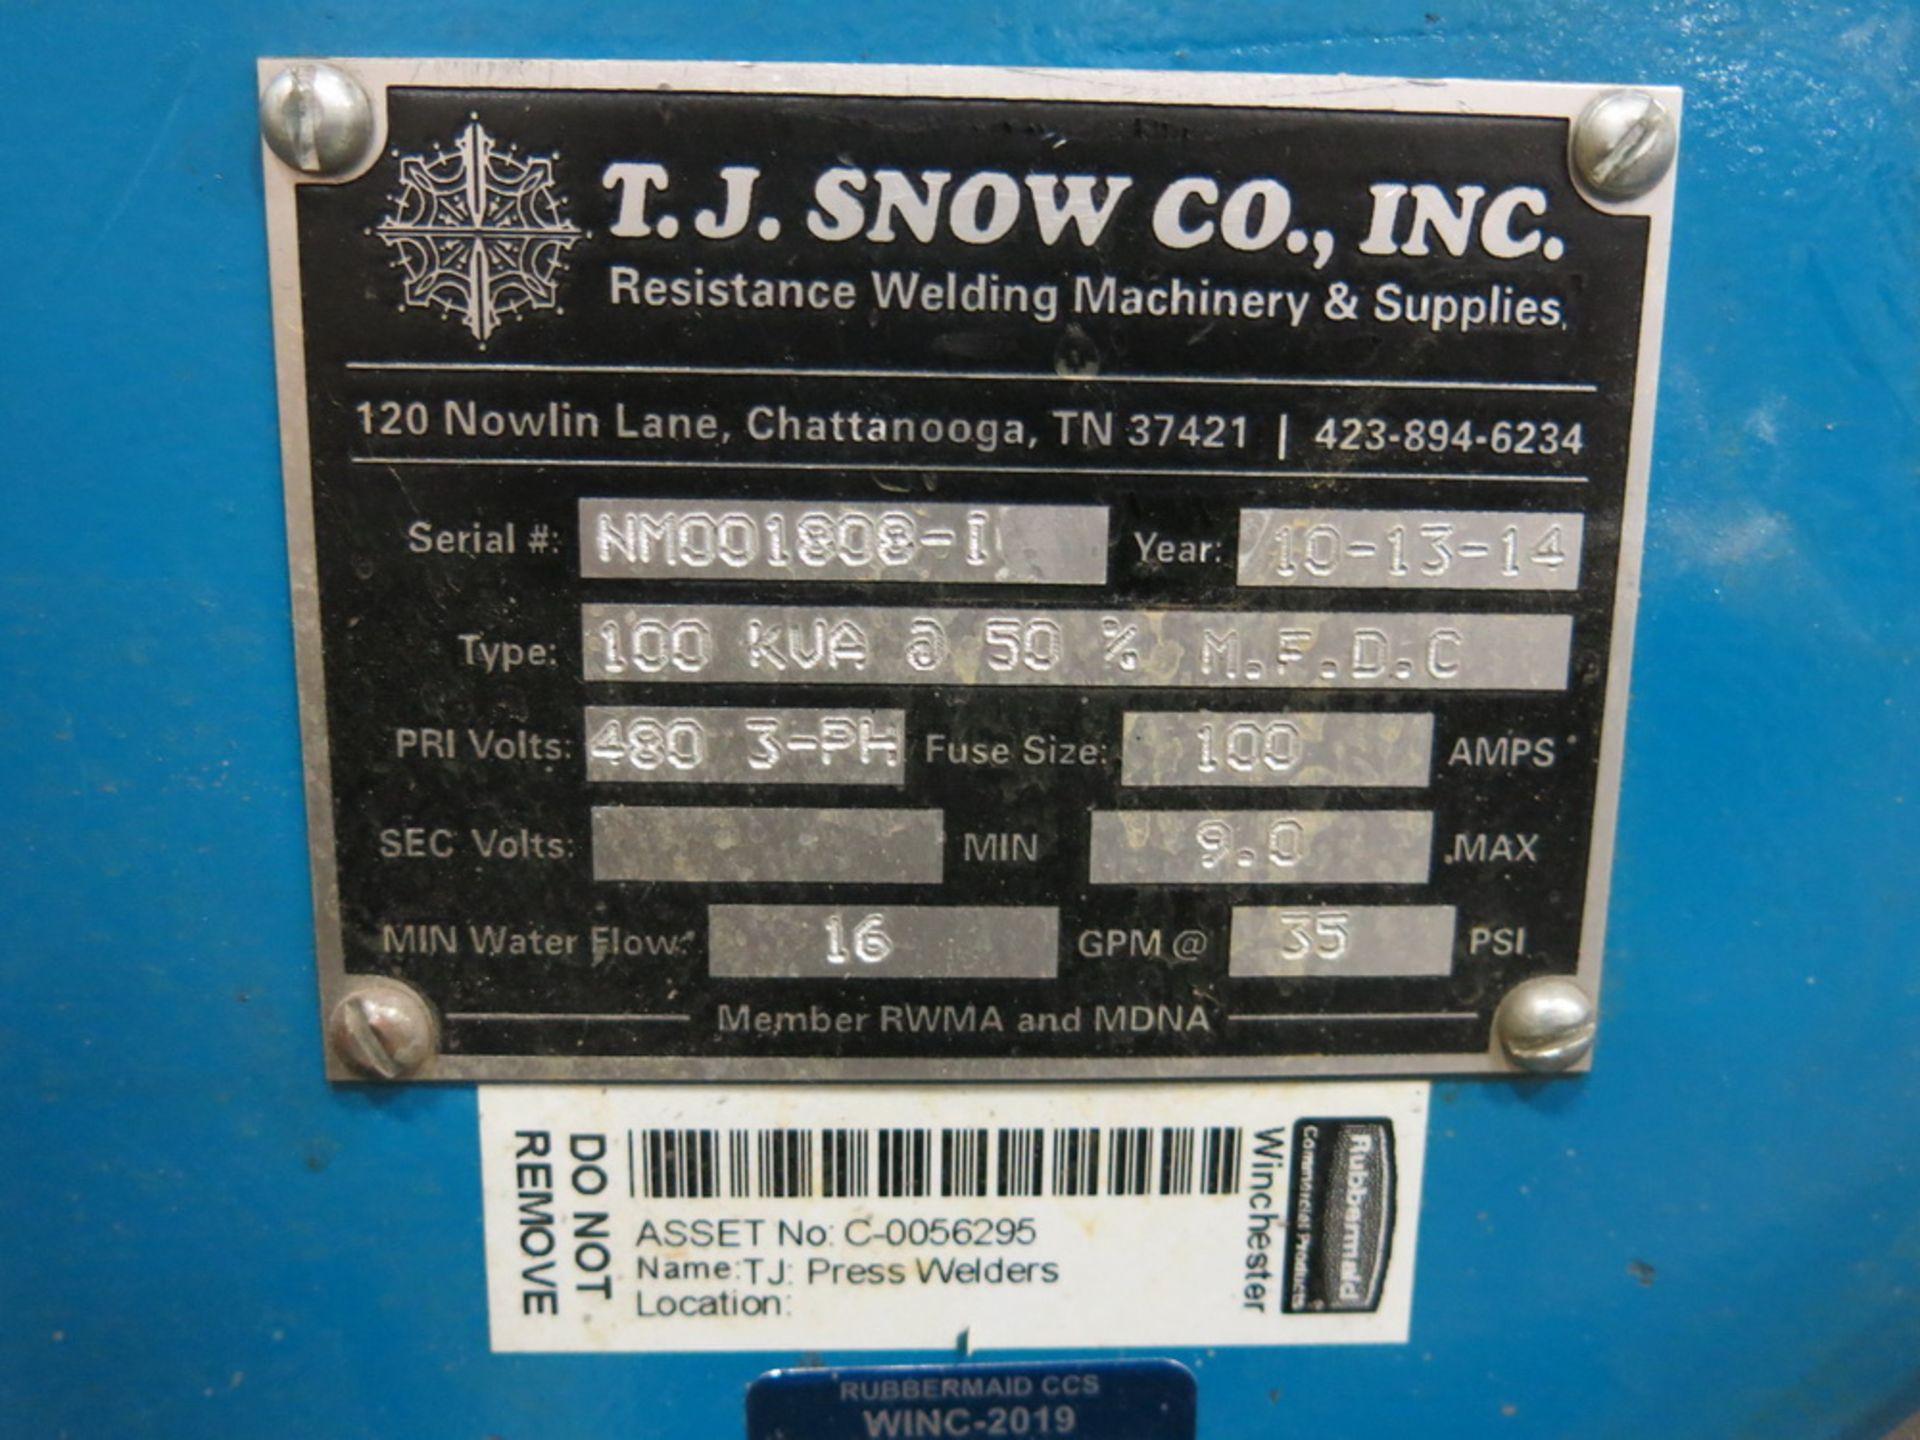 """Lot 31 - 2014 T.J. Snow 100 KVA @ 50 Percent M.F.D.C. Approx. 40"""" Throat Dual Head Spot Welder"""